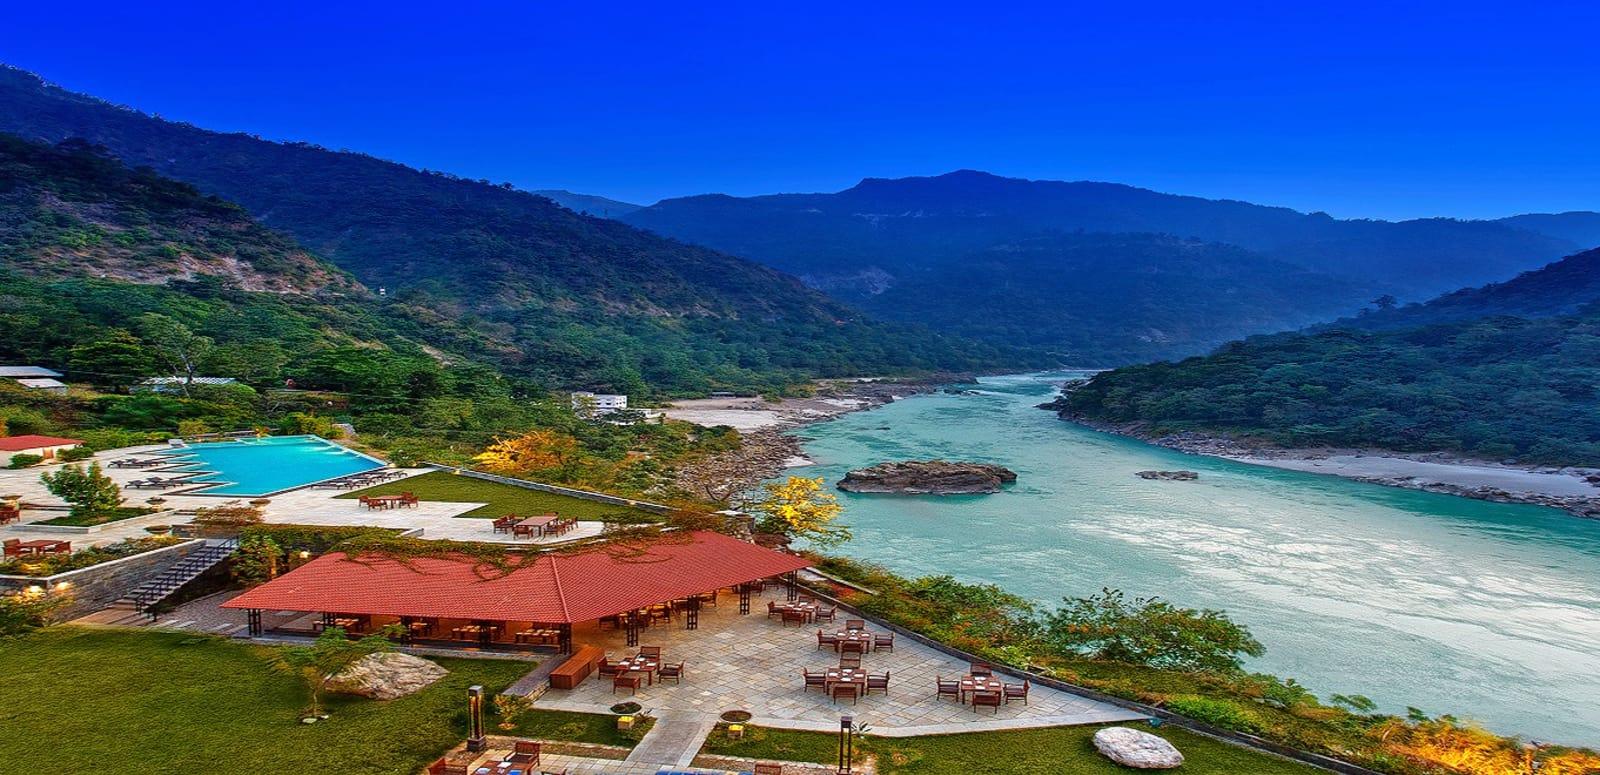 10 Best Luxury Resorts In Rishikesh